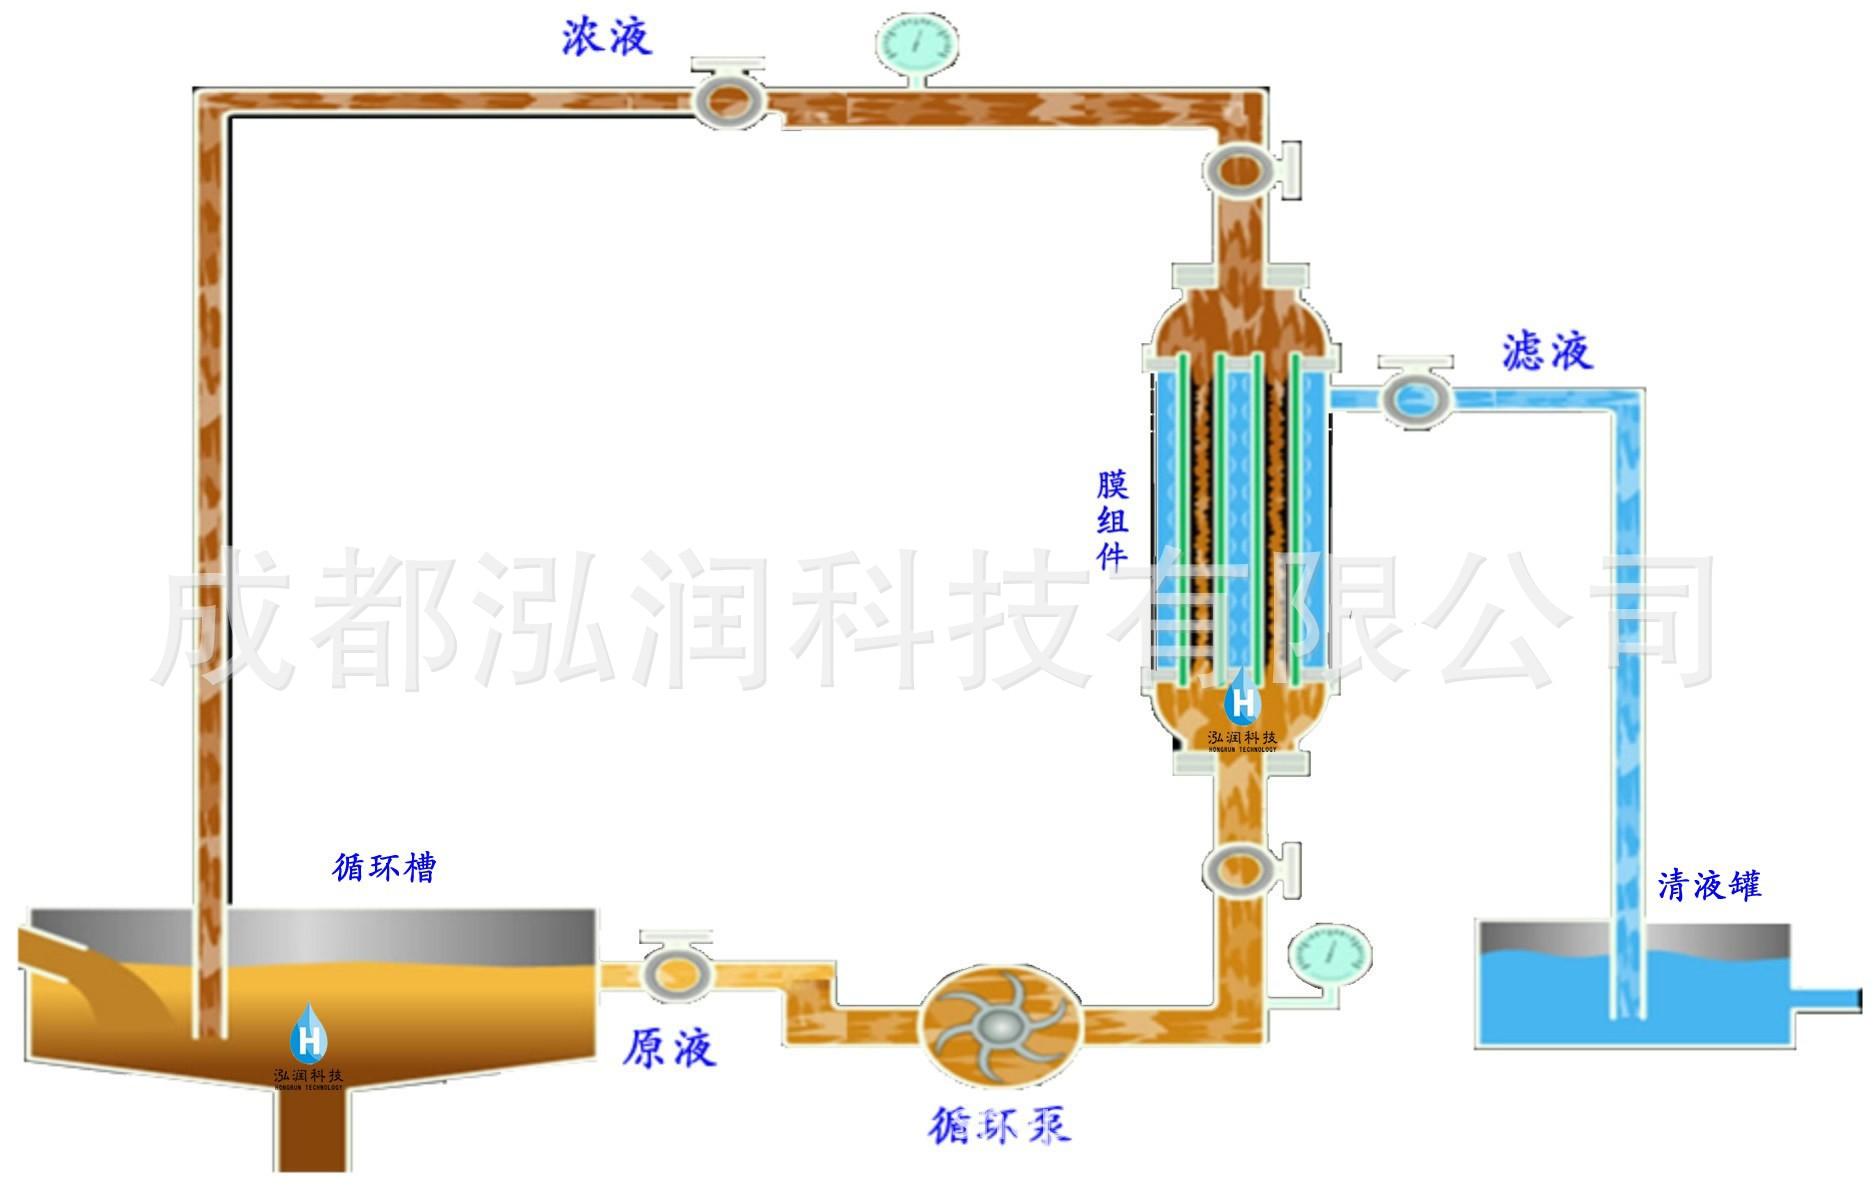 生物发酵液澄清、浓缩膜分离设备,膜澄清,膜浓缩,泓润膜